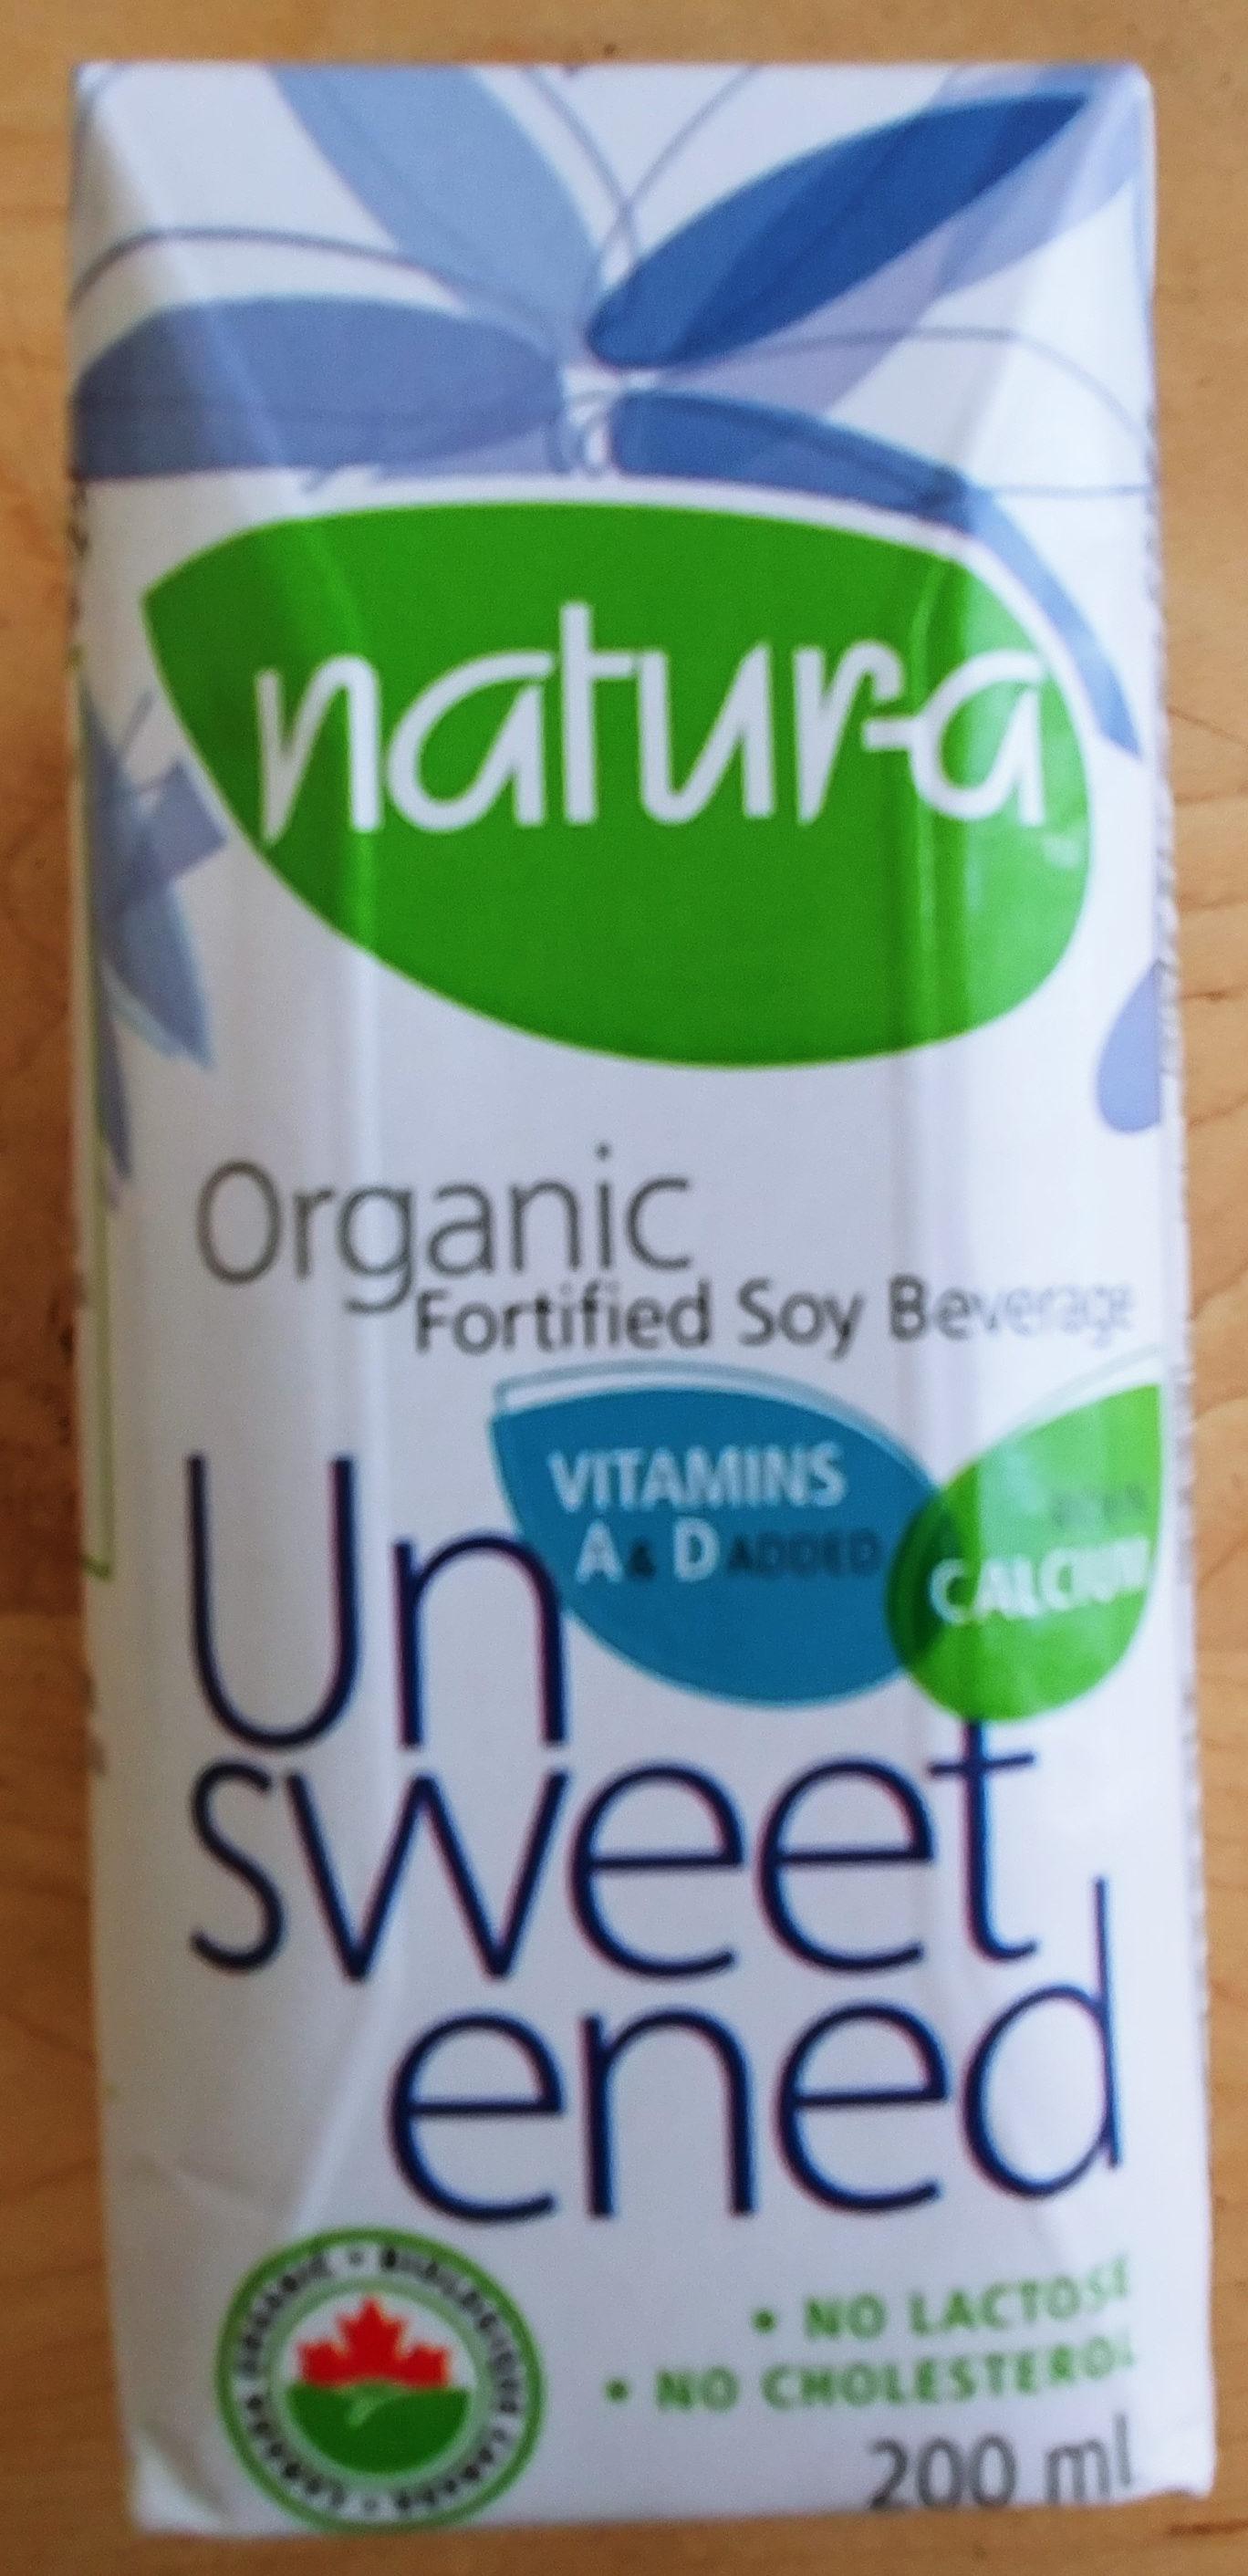 boisson de soya fortifiée - Product - en